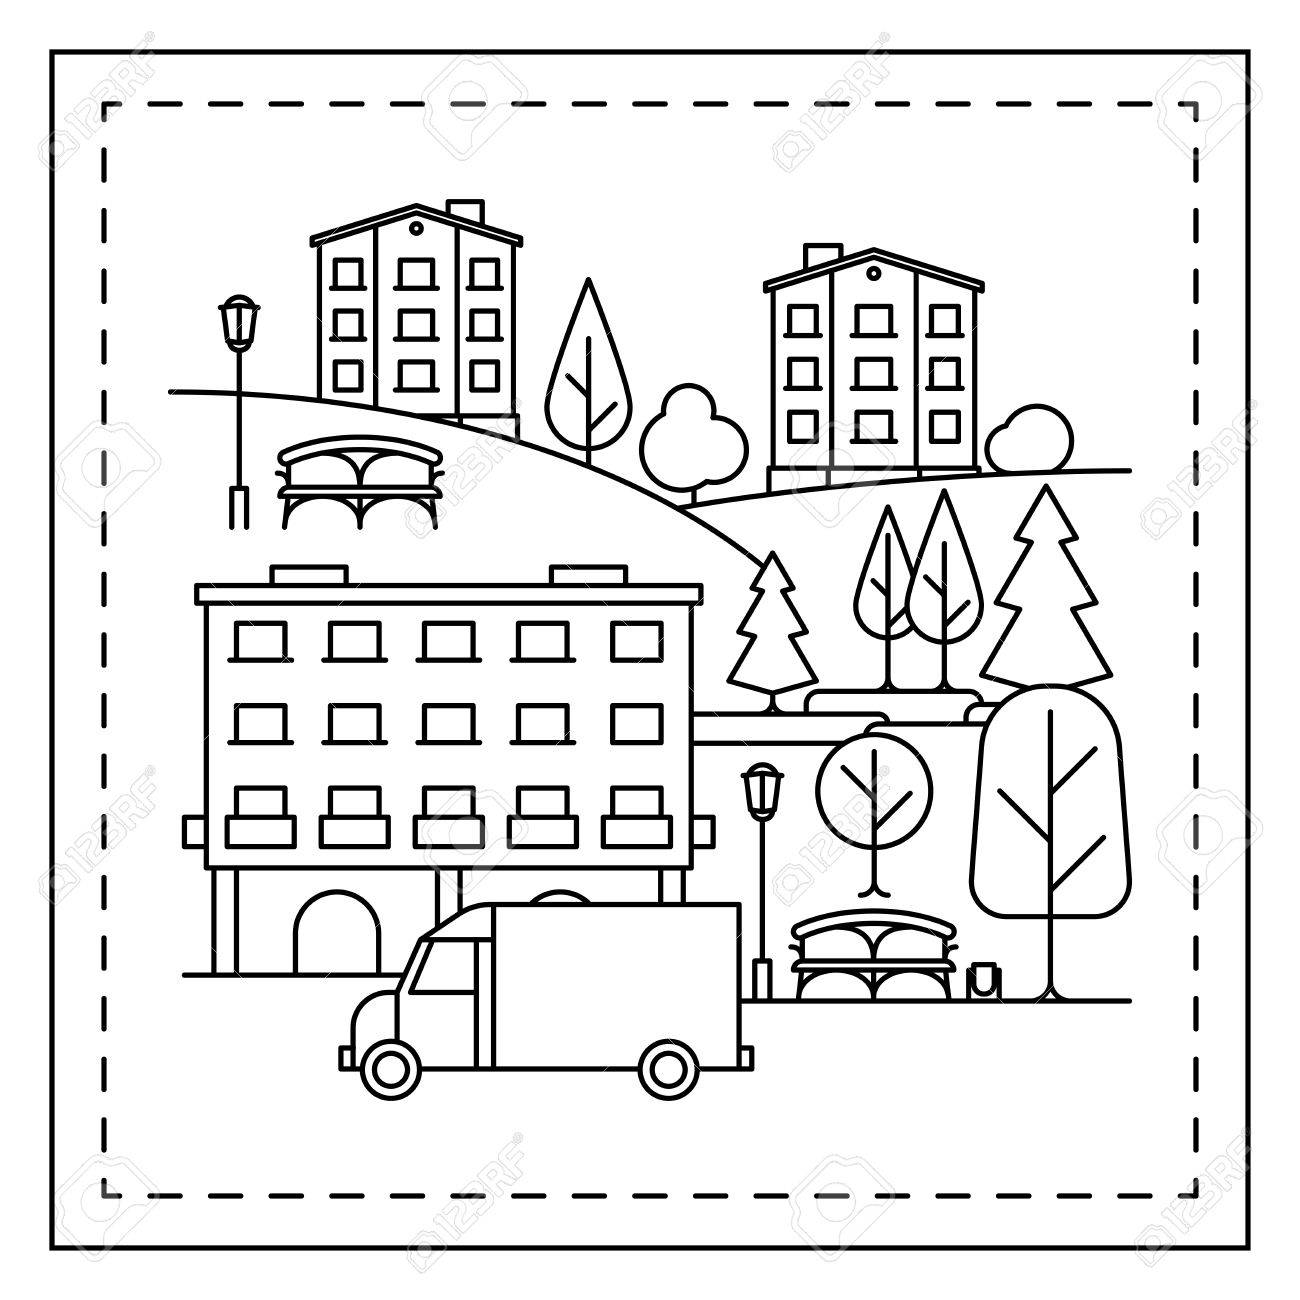 Malvorlage Für Kinder Mit Stadtlandschaft, Häuser, LKW Und Bäume ...